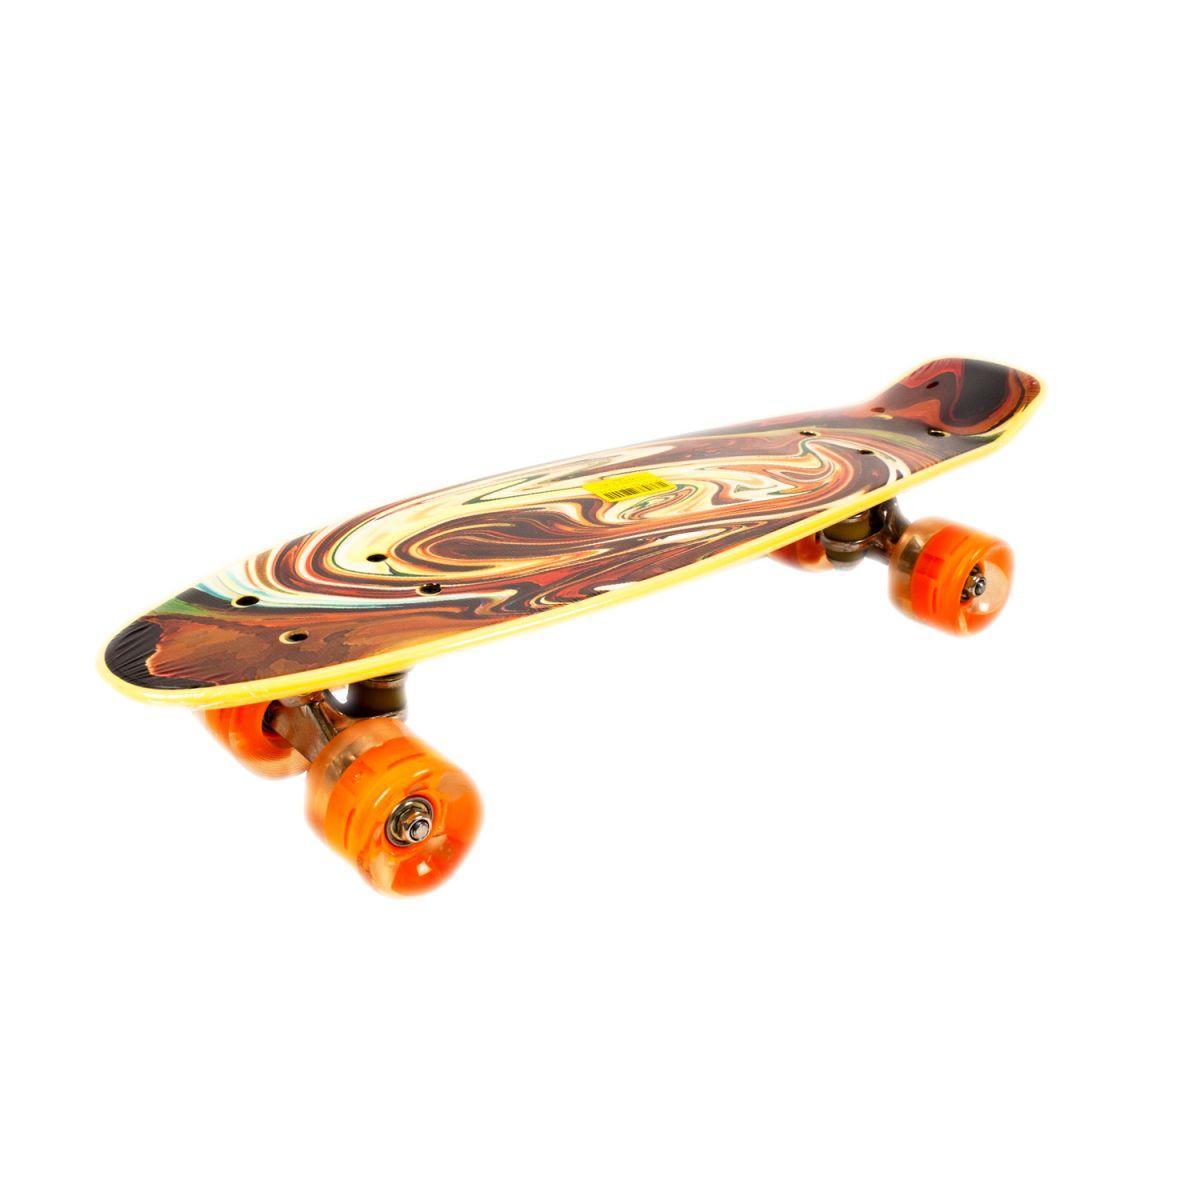 Скейт Пени Борд с принтом Penny Board колёса PU светятся коричневый